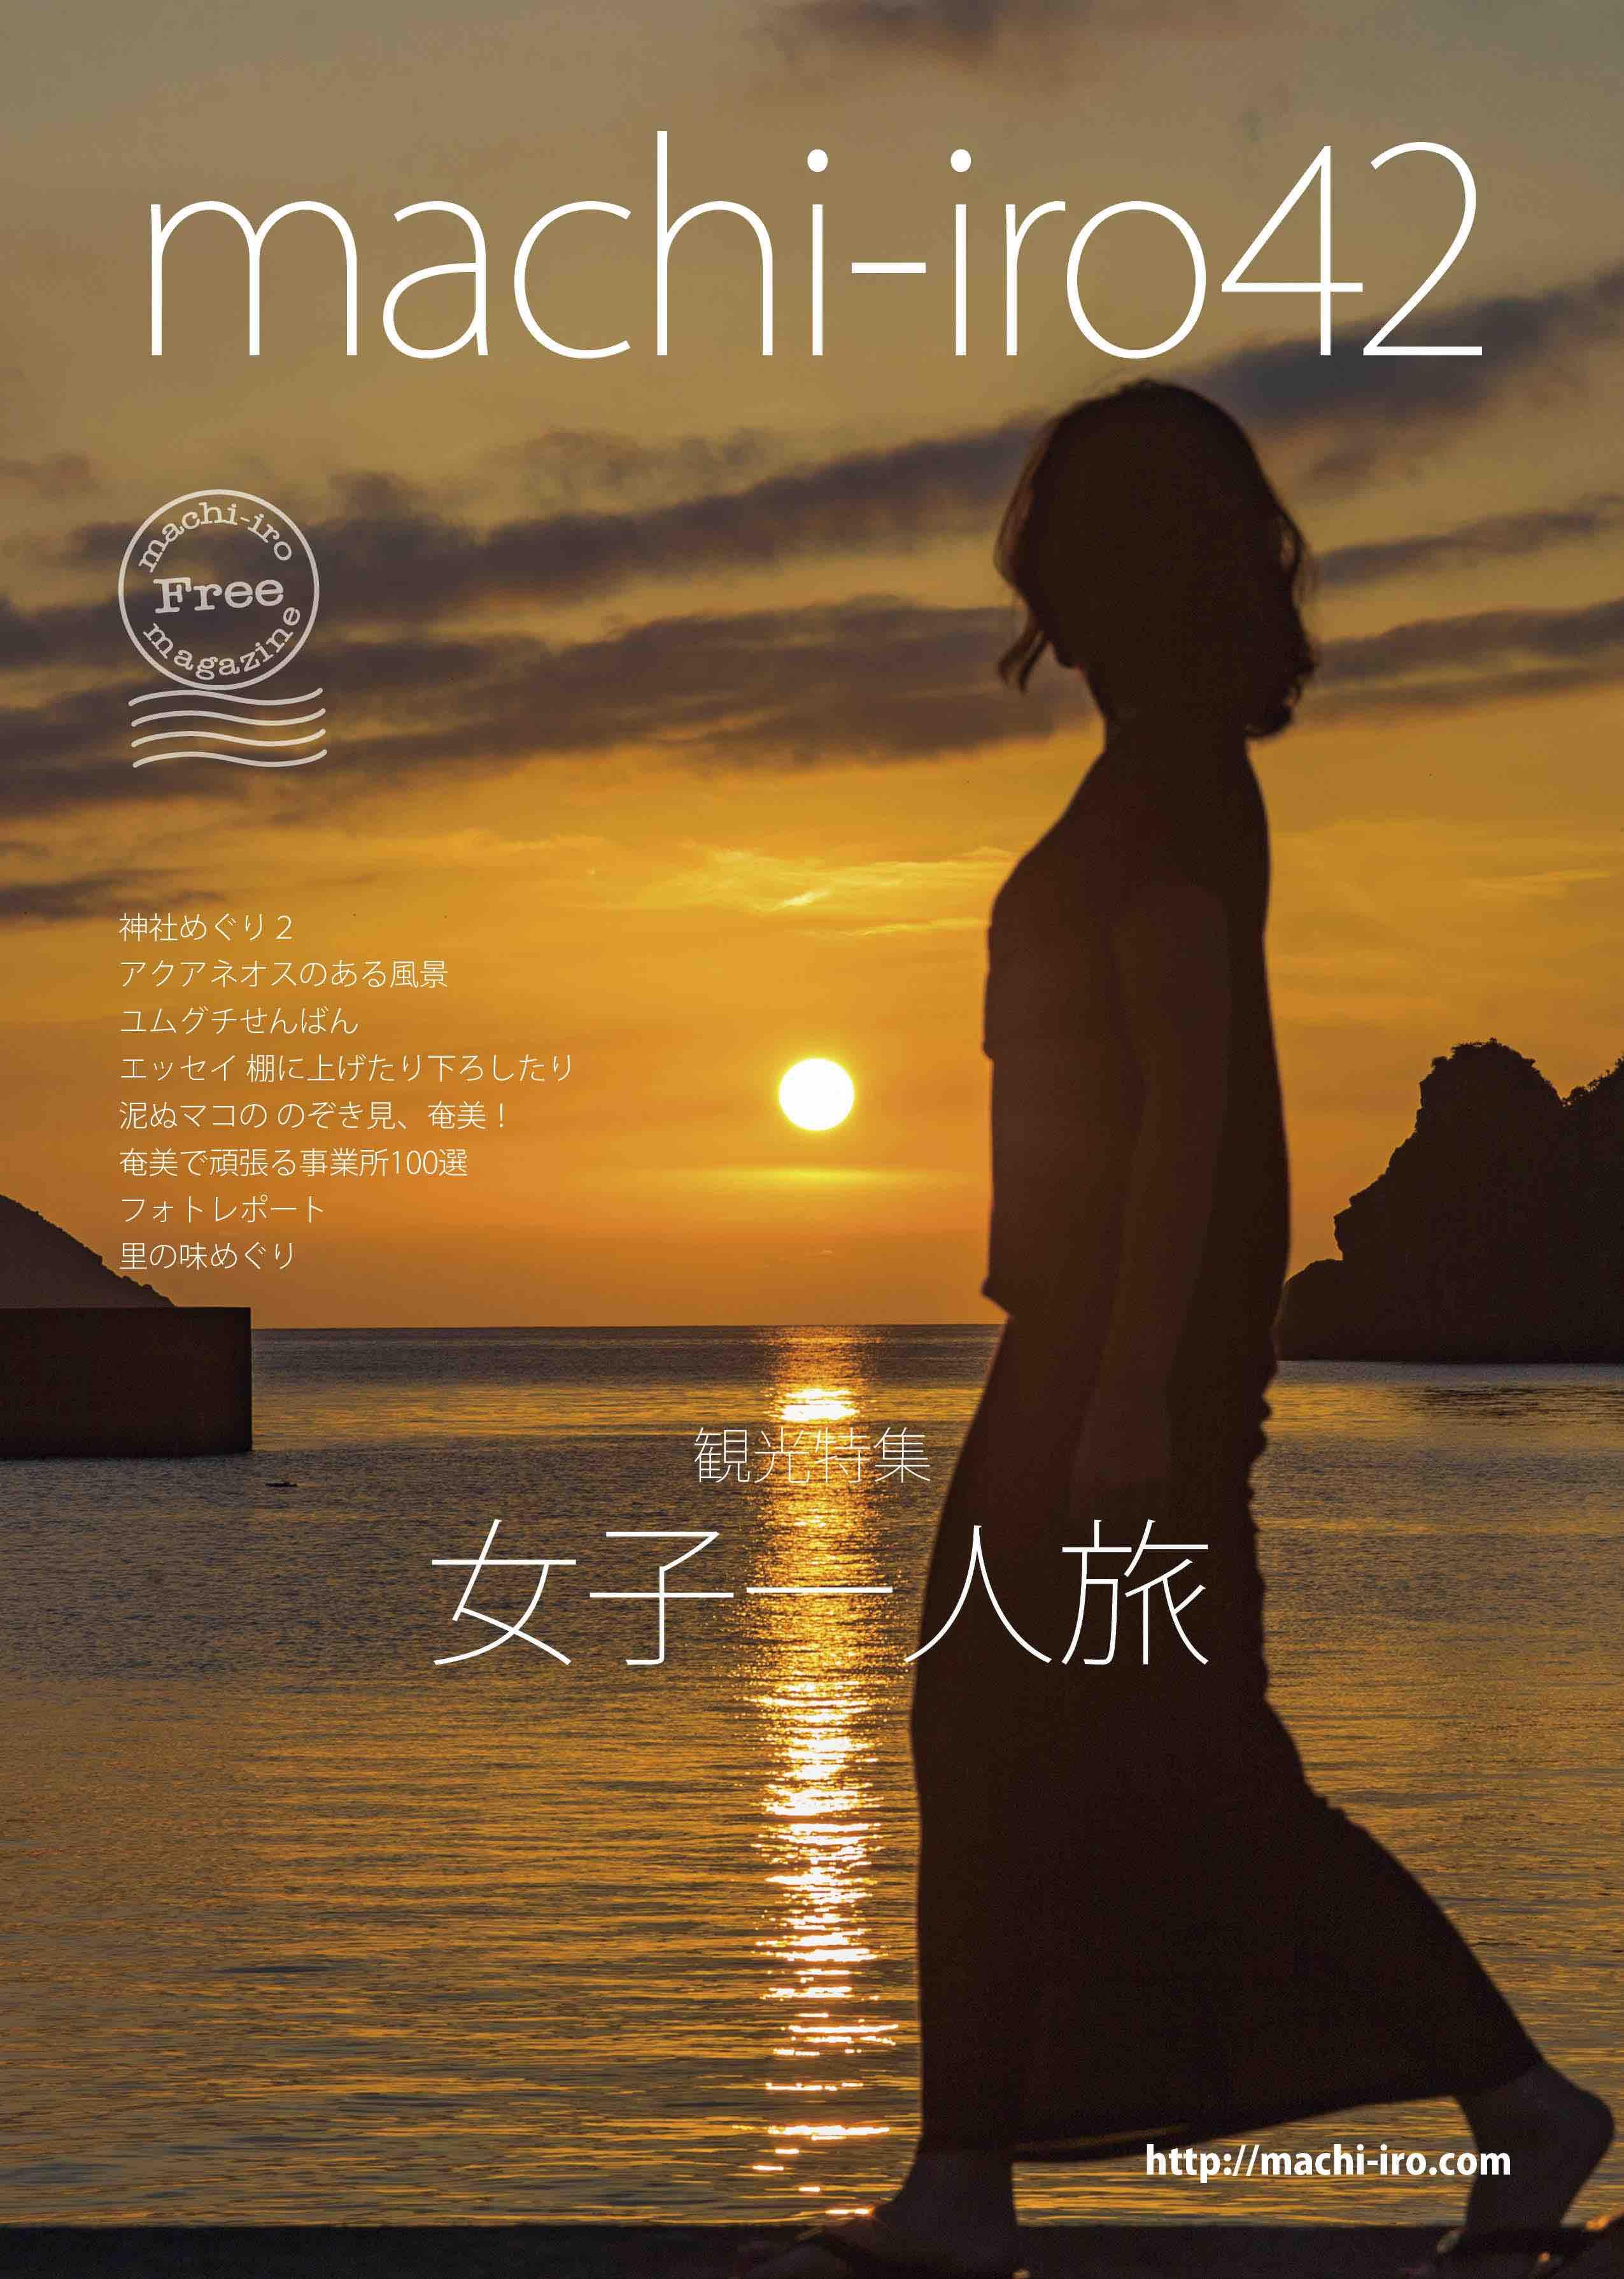 machi-iro magazine #42